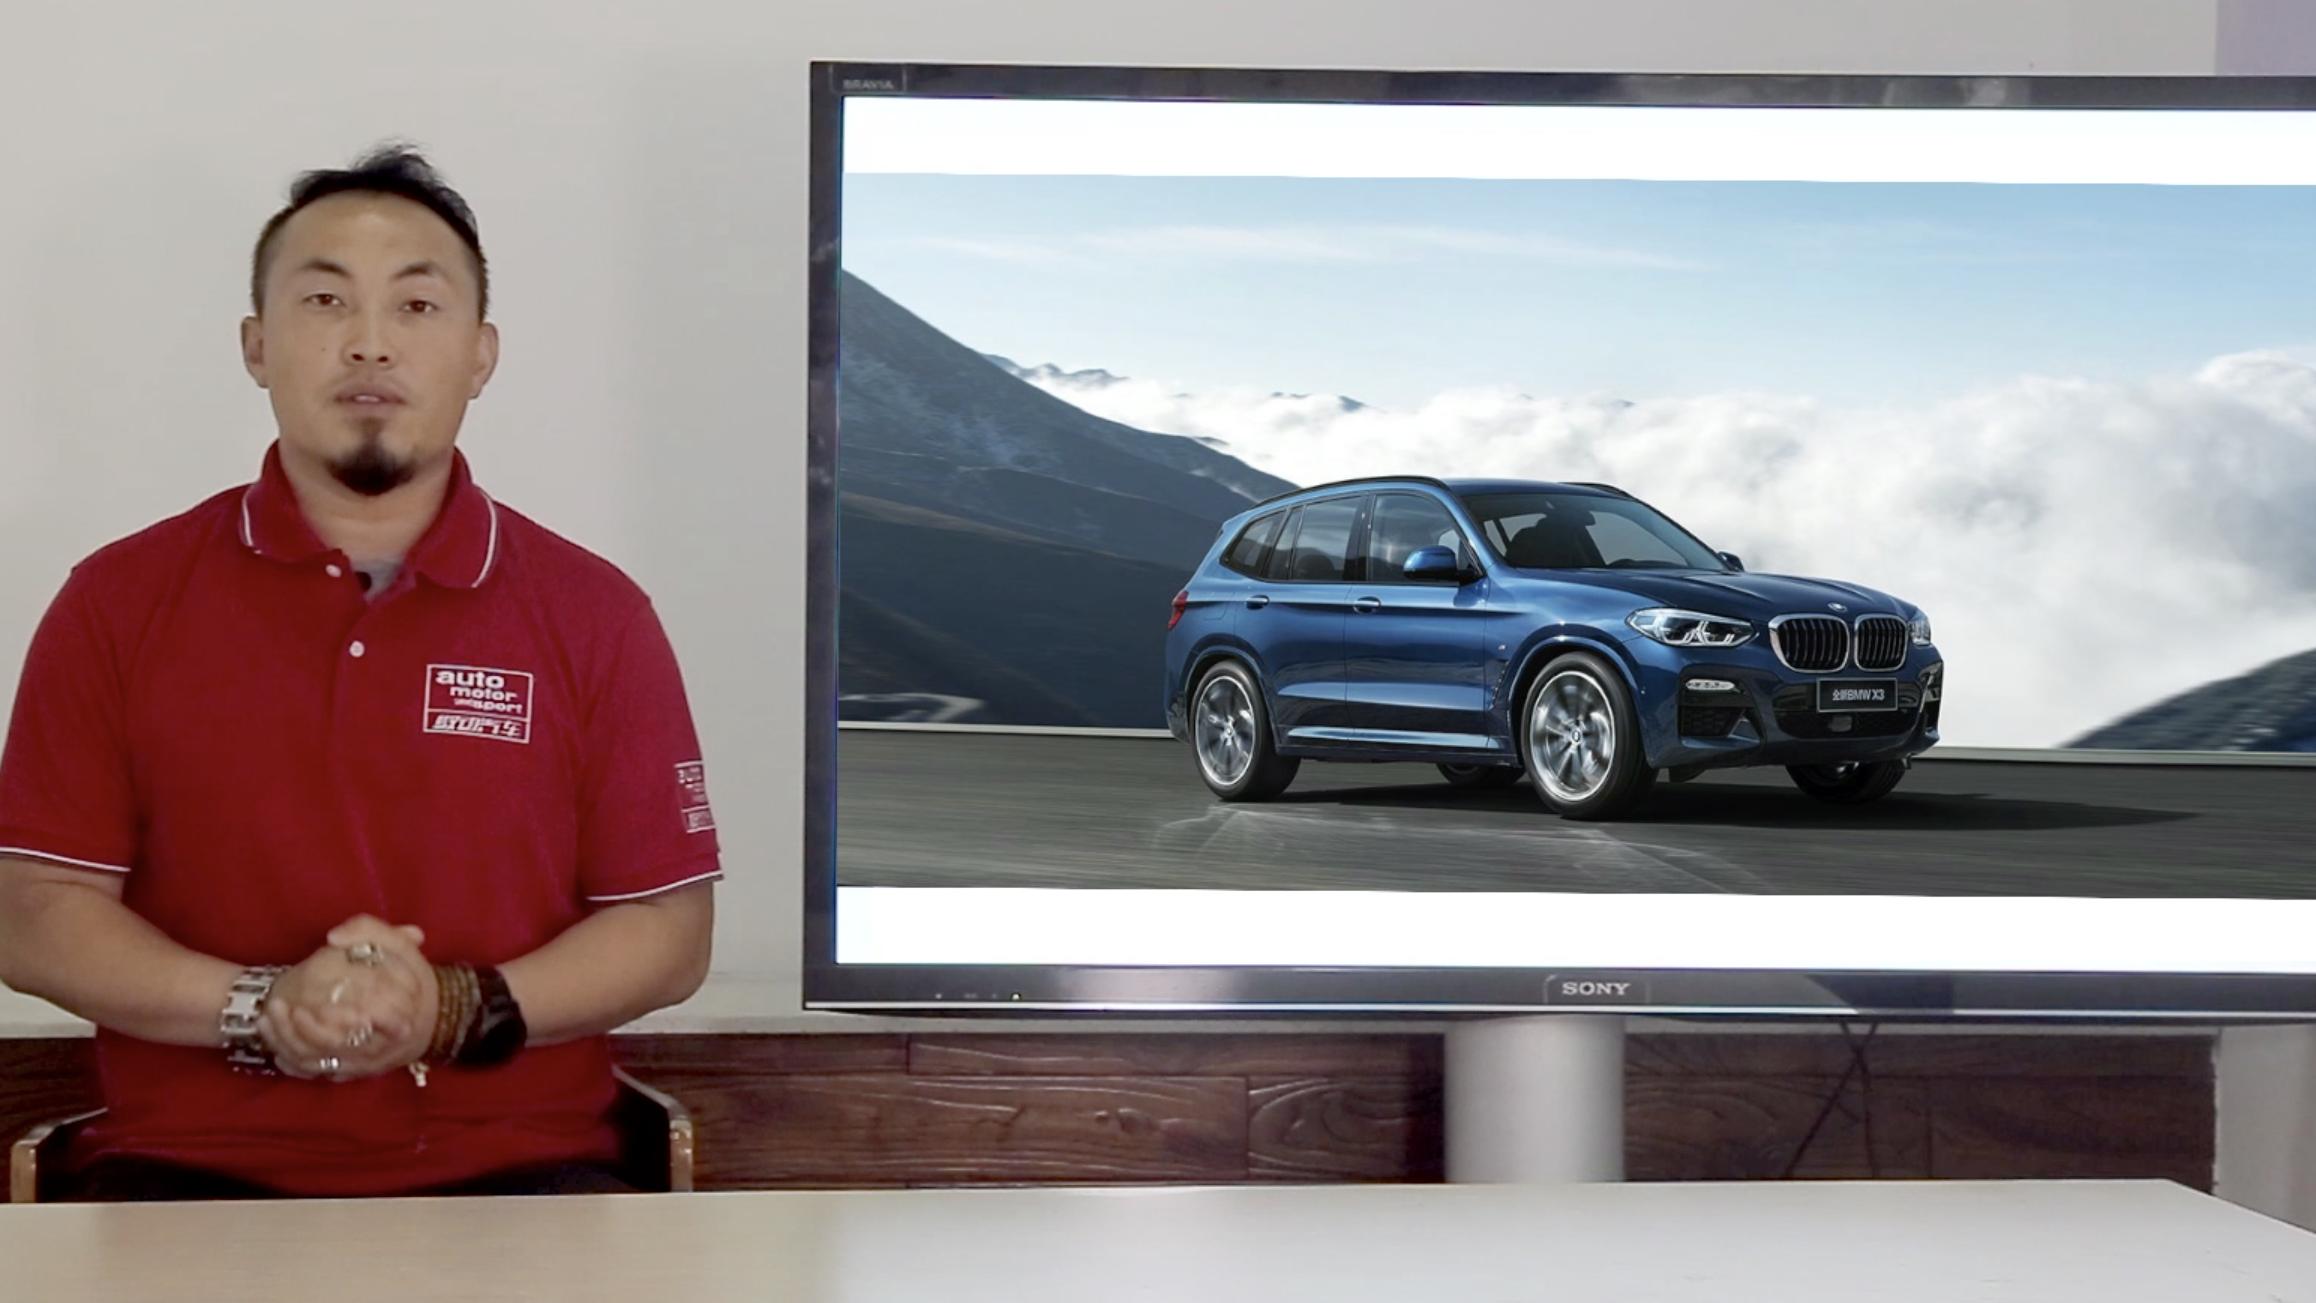 全新BMW X3的惊天秘密,这几样东西竟然是全系标配!